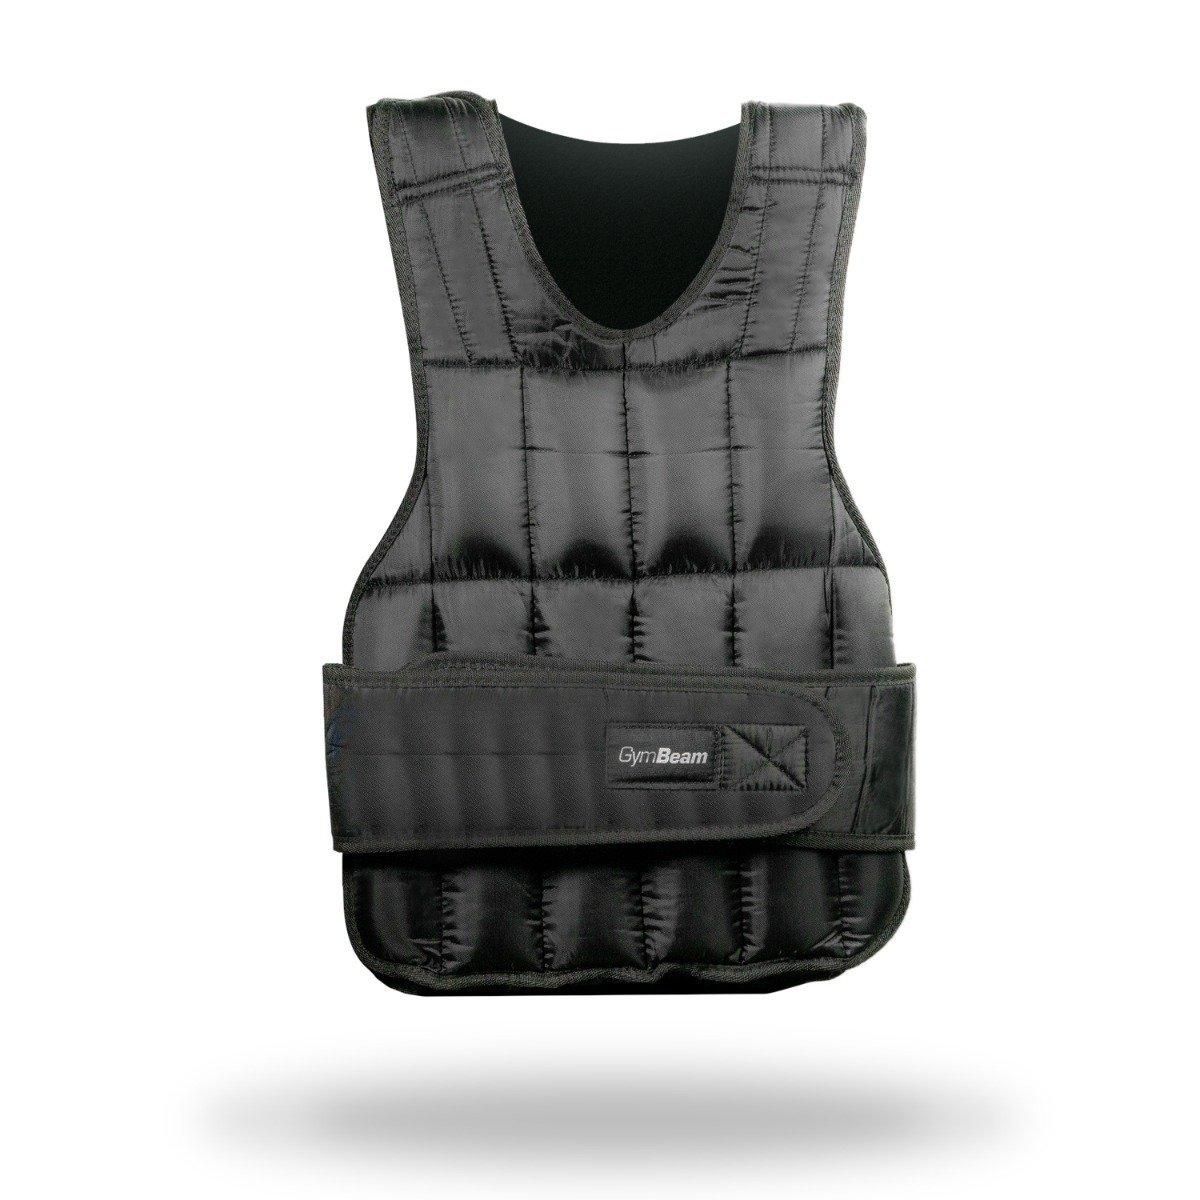 Záťažová vesta 10 kg - GymBeam